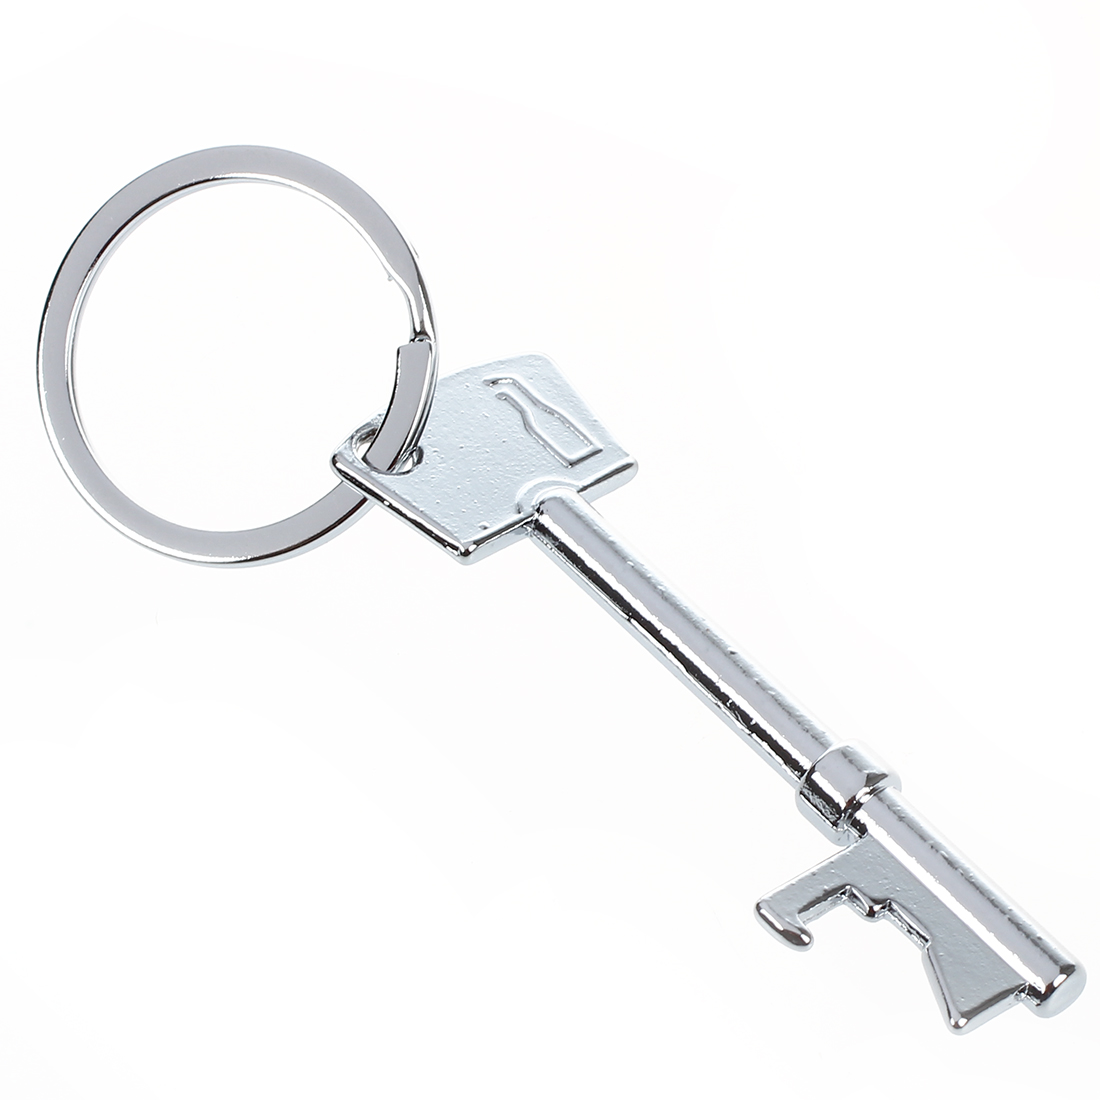 beer bottle opener key ring keychain bar tool k5l3 ebay. Black Bedroom Furniture Sets. Home Design Ideas